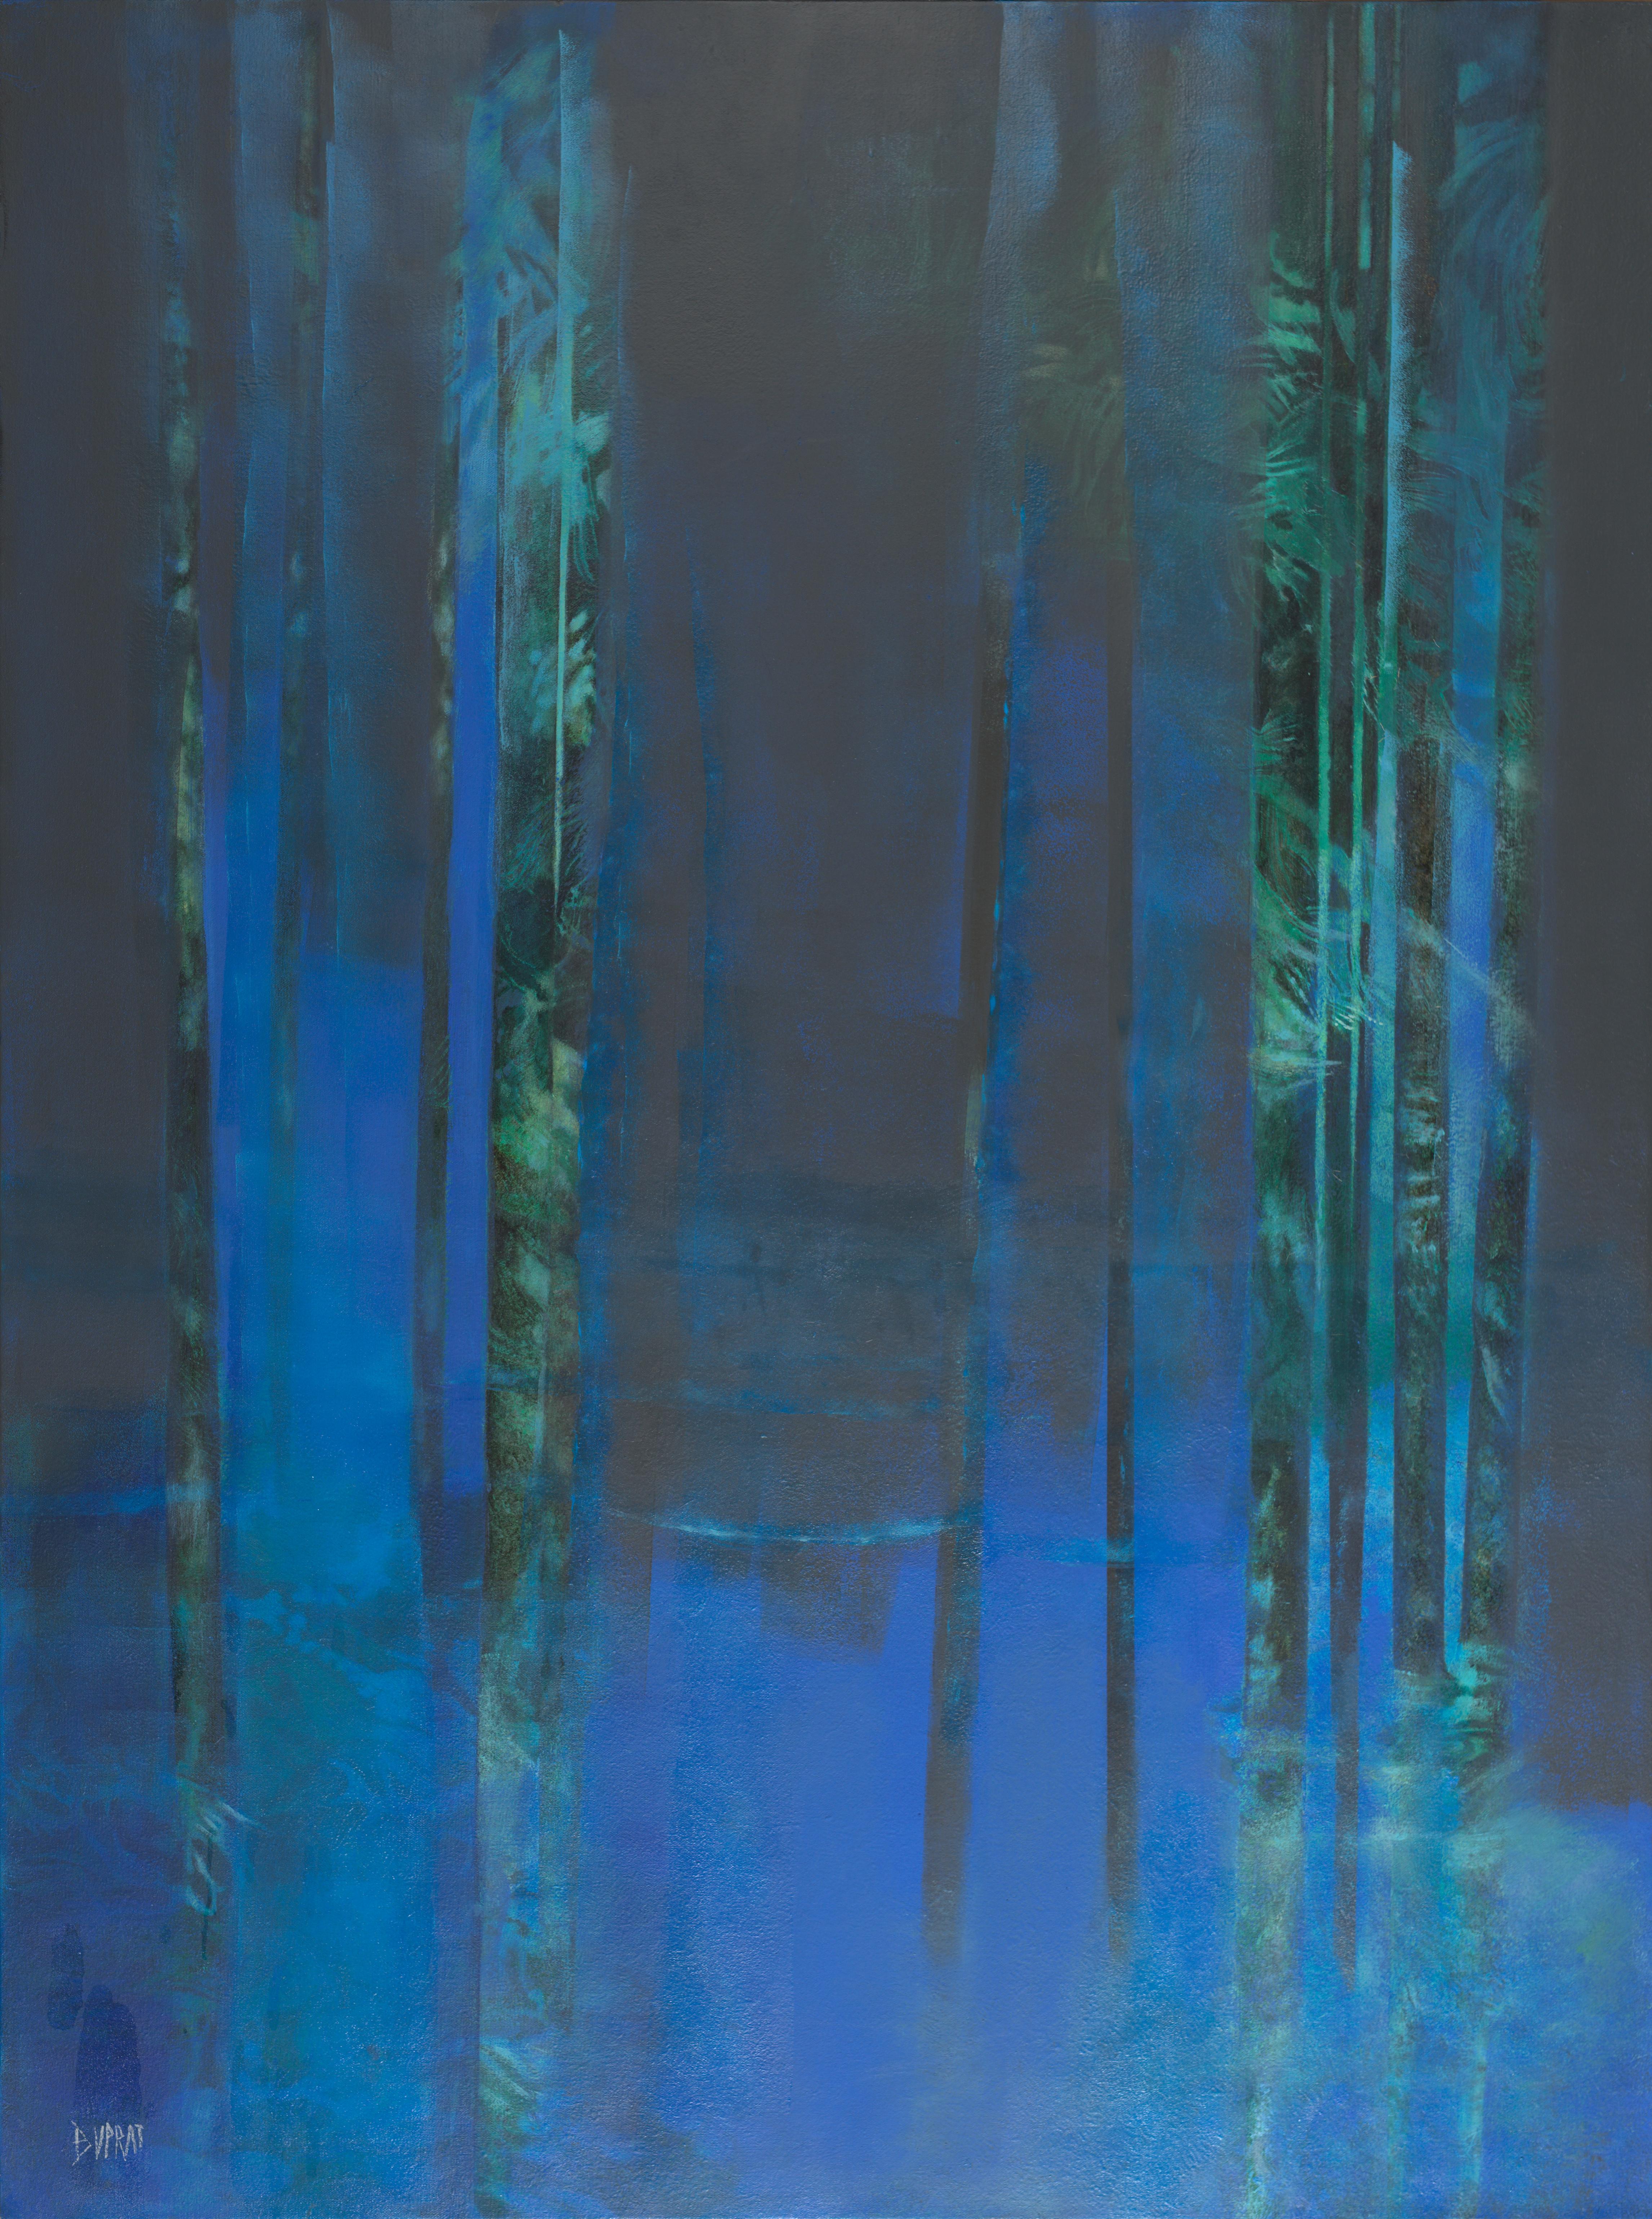 """""""Ô de la nuit"""", Night Blue Forest Abstract Landscape Oil Painting"""